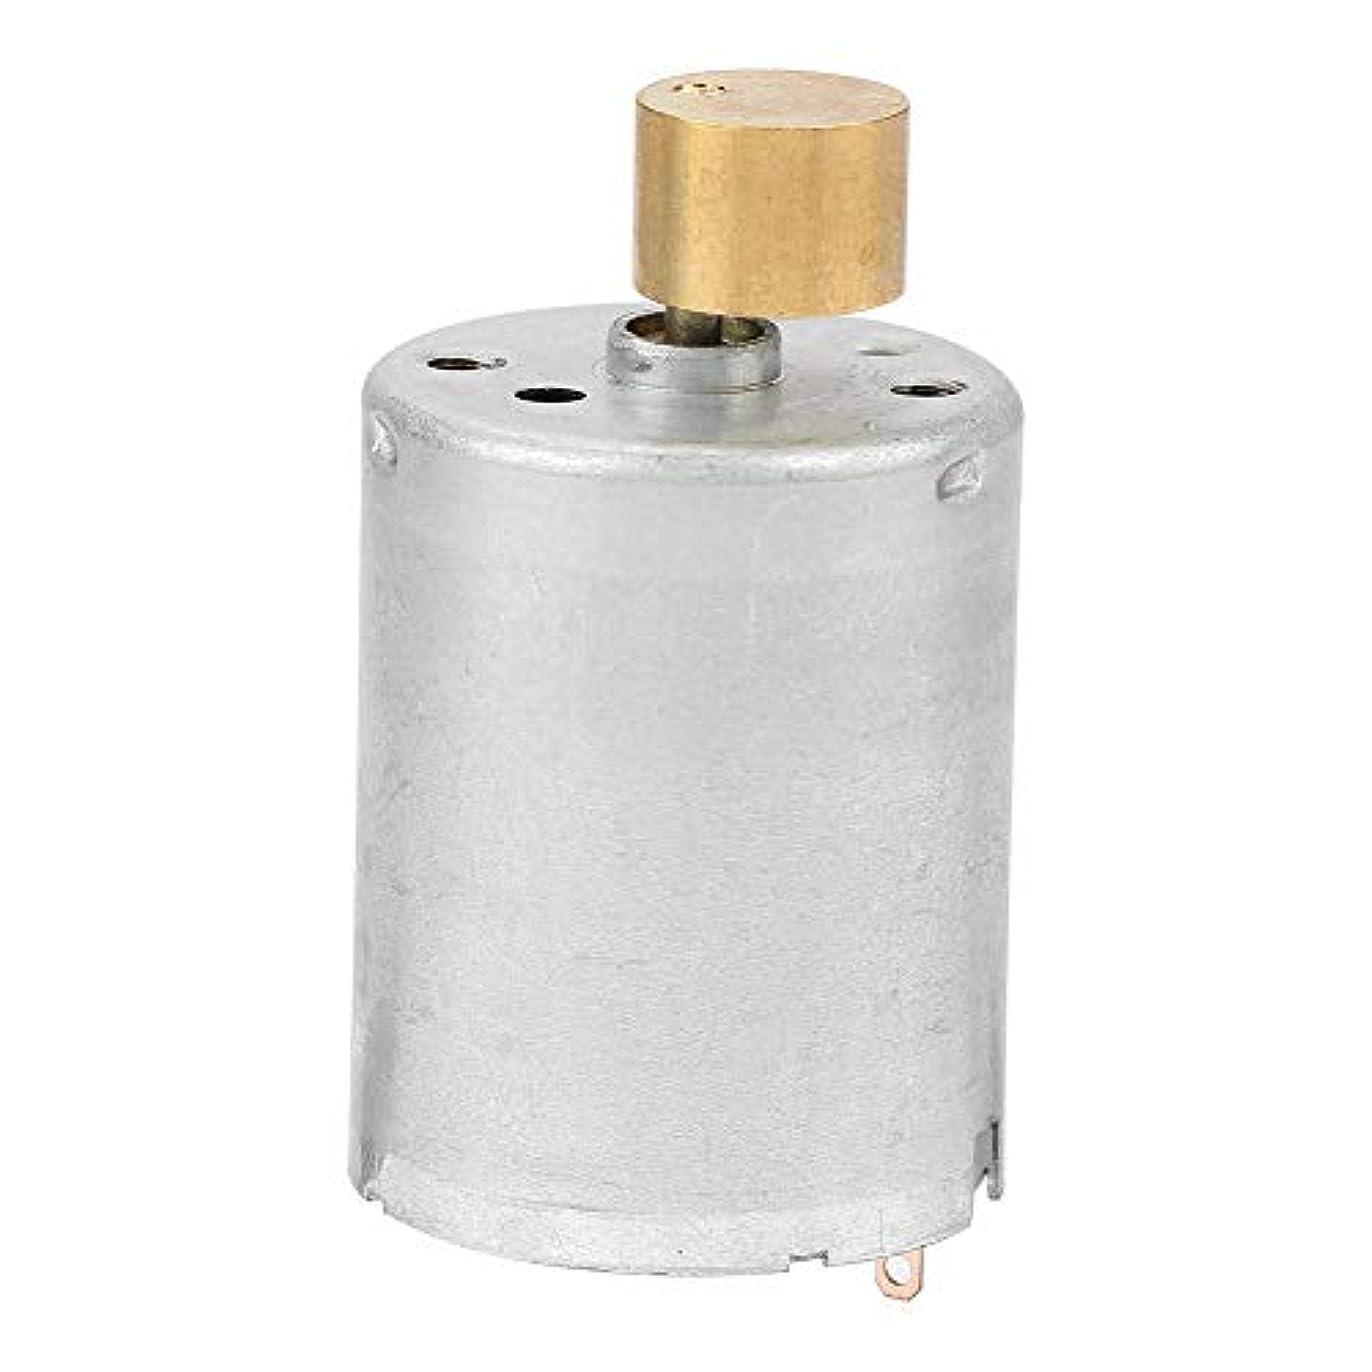 振動モーター、RF370 DCマッサージ装置用ミニ強力振動振動モーター12V